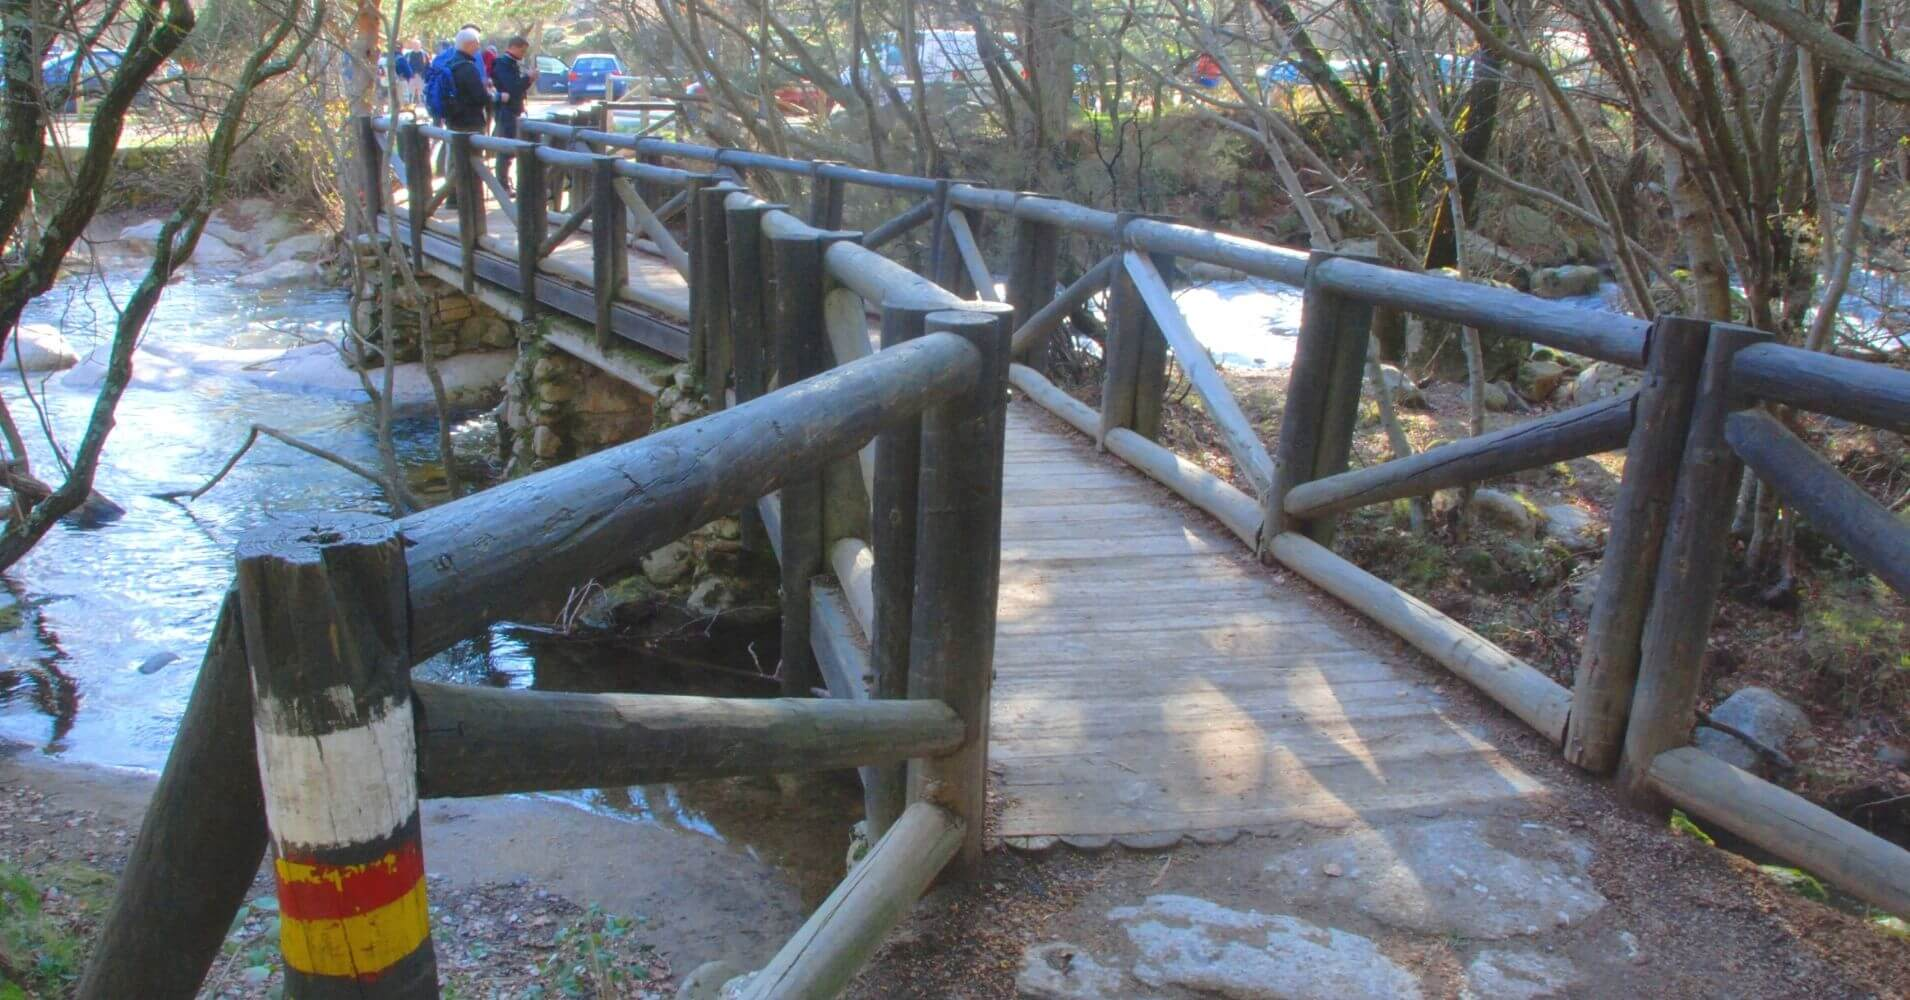 Puente Sobre el Río Manzanares en Canto Cochino. Vuelta a El Yelmo de la Pedriza. Manzanares el Real. Madrid.